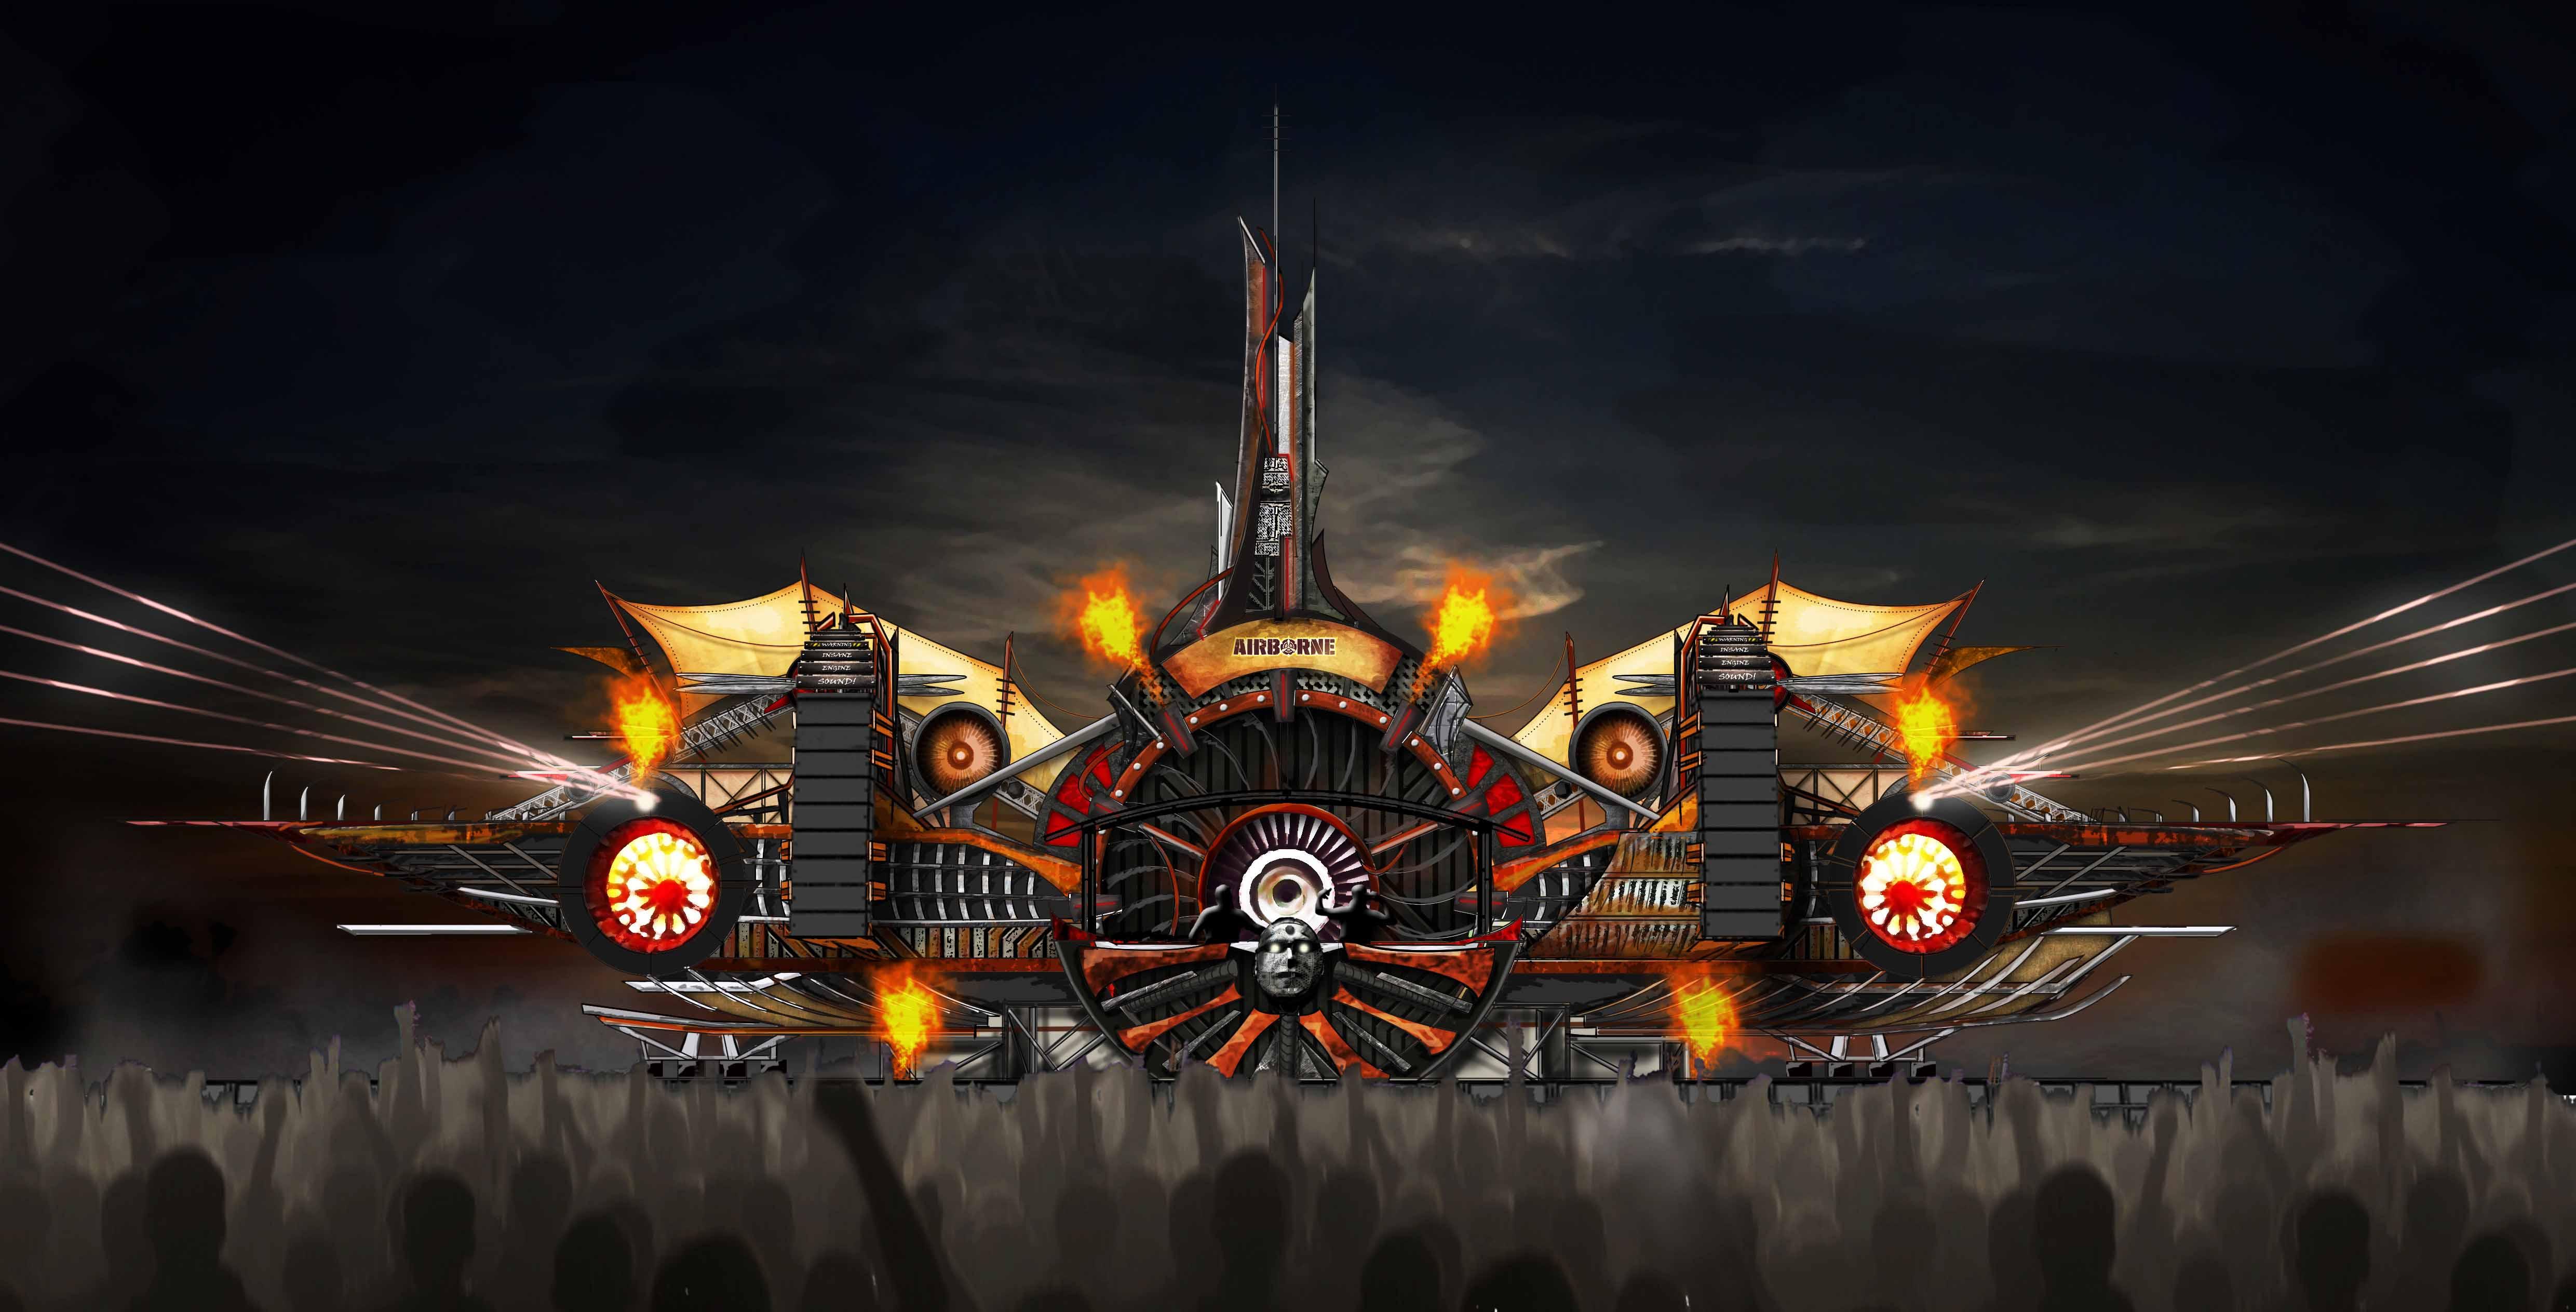 Airborne festival 2019 - Mainstage design